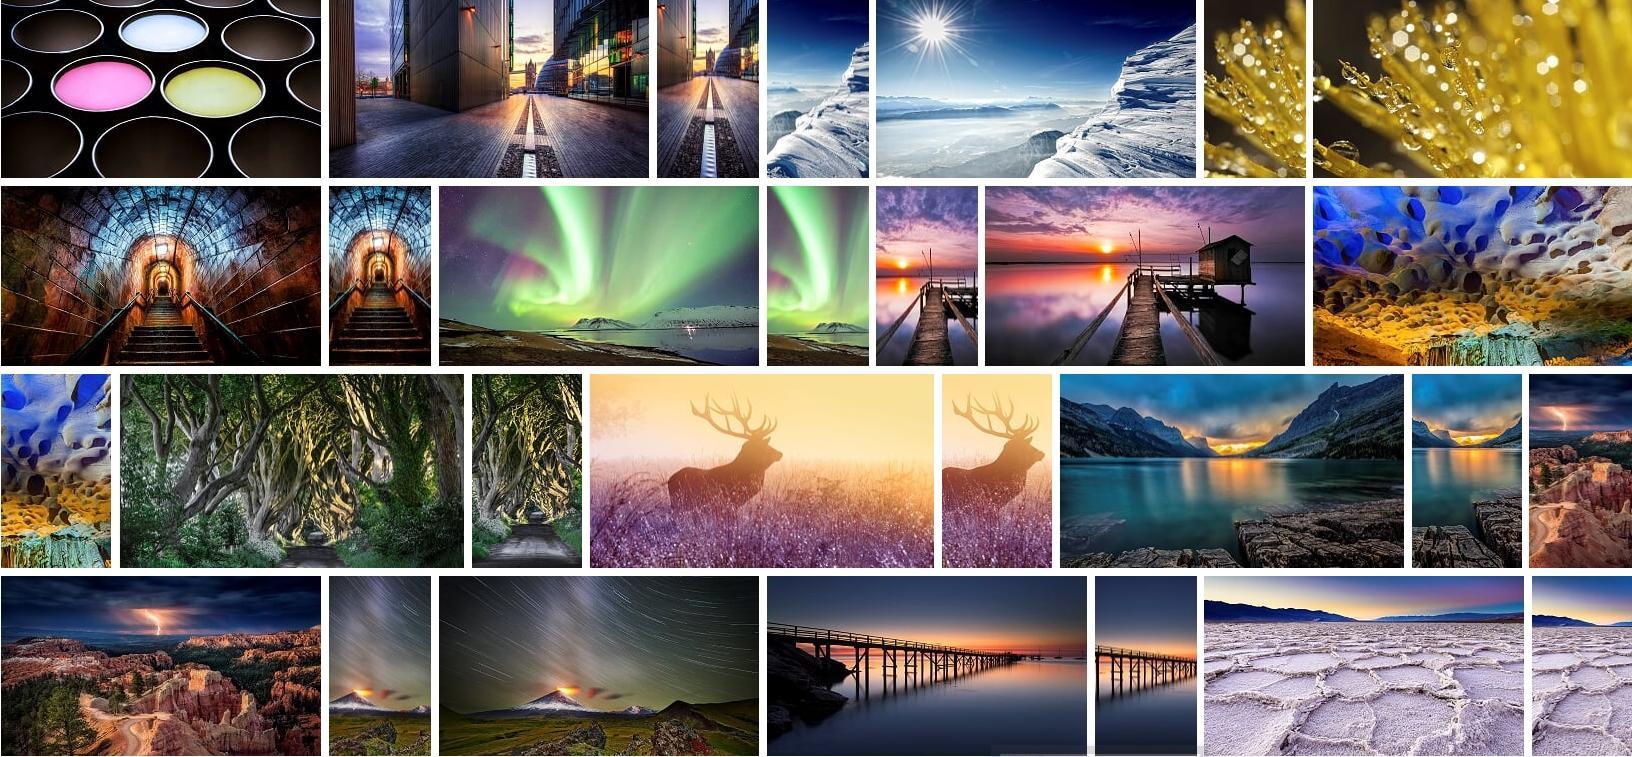 Windows Blickpunkt Wallpaper